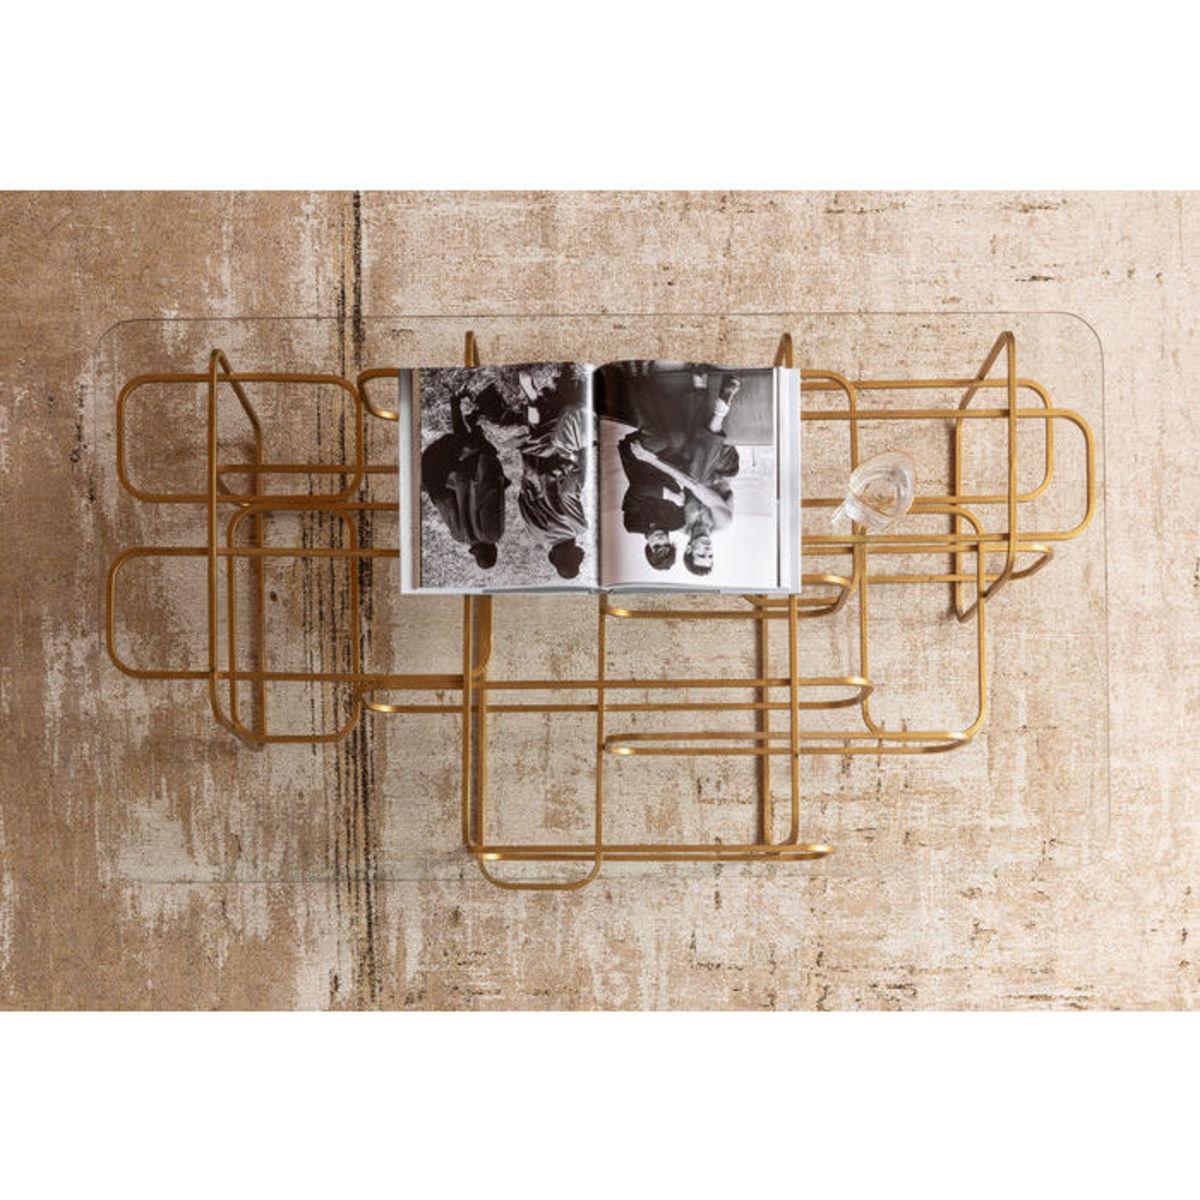 Table basse 140x80cm MEANDER Kare Design doré